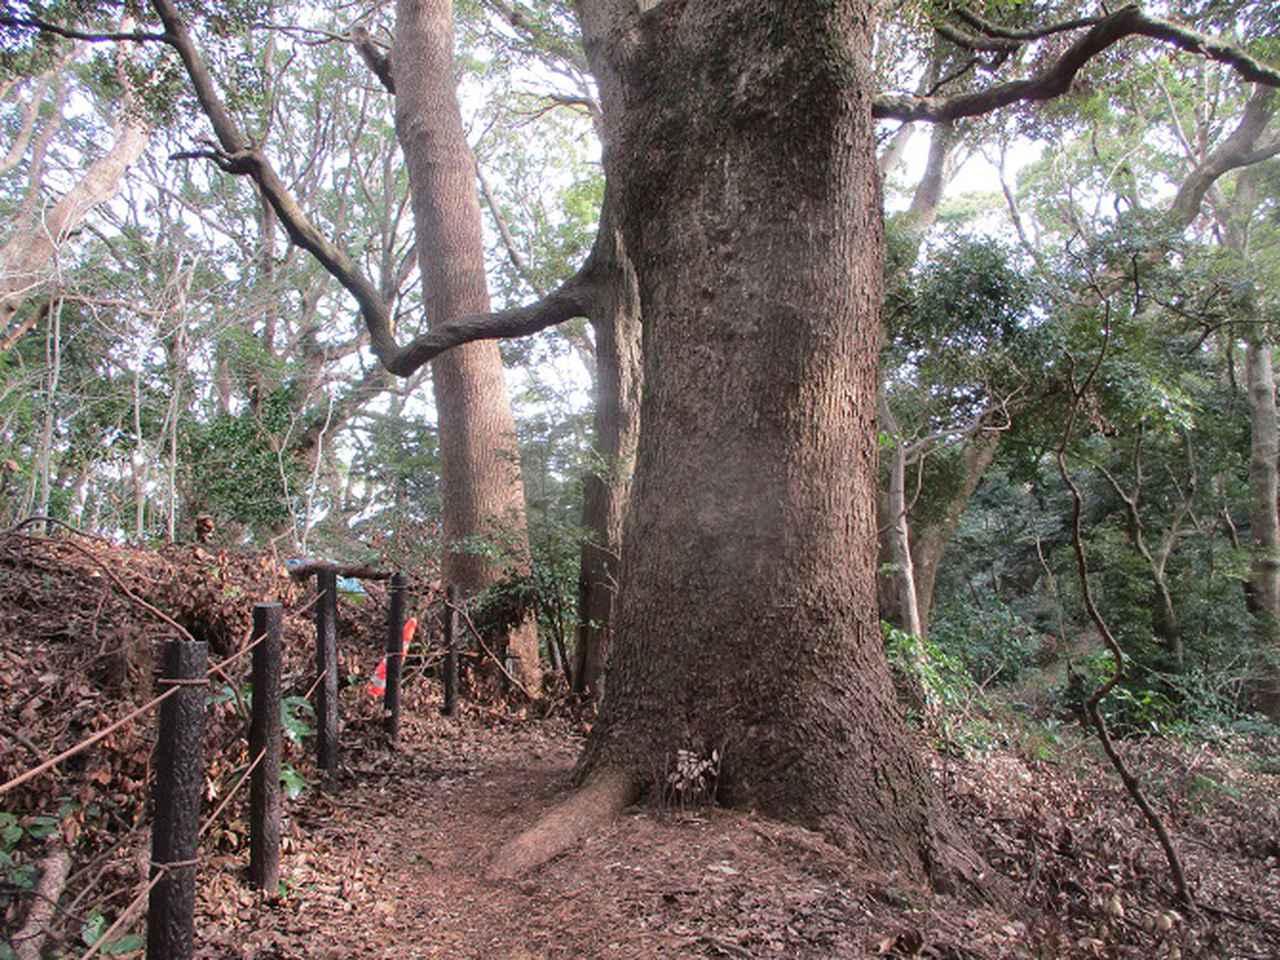 画像7: 2月の山旅会 真鶴半島ハイクと湯河原梅林 の下見に行ってきました!